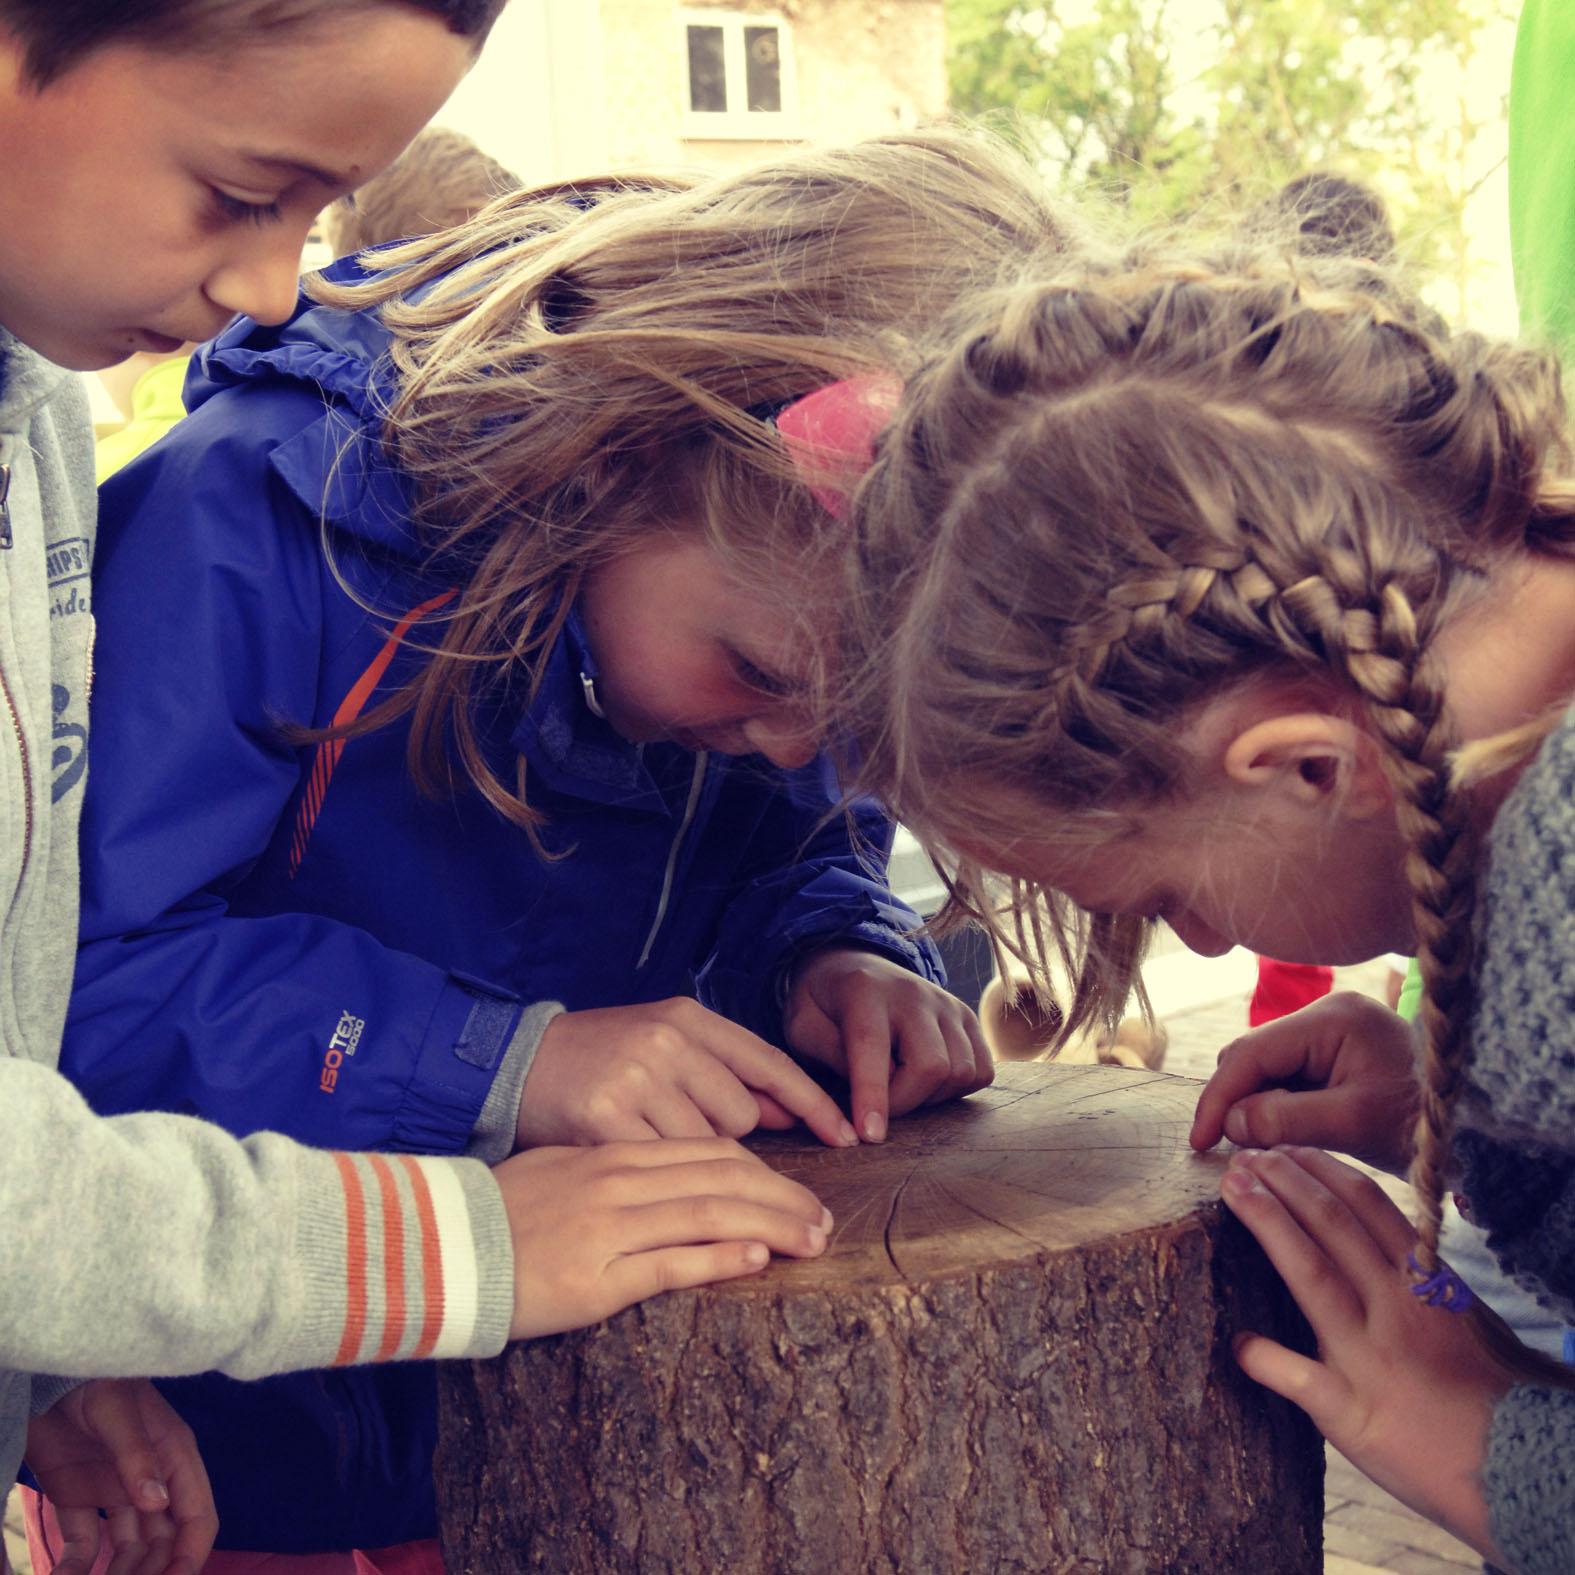 Kinderen - Tellen jaarringen - Hout - Klompen